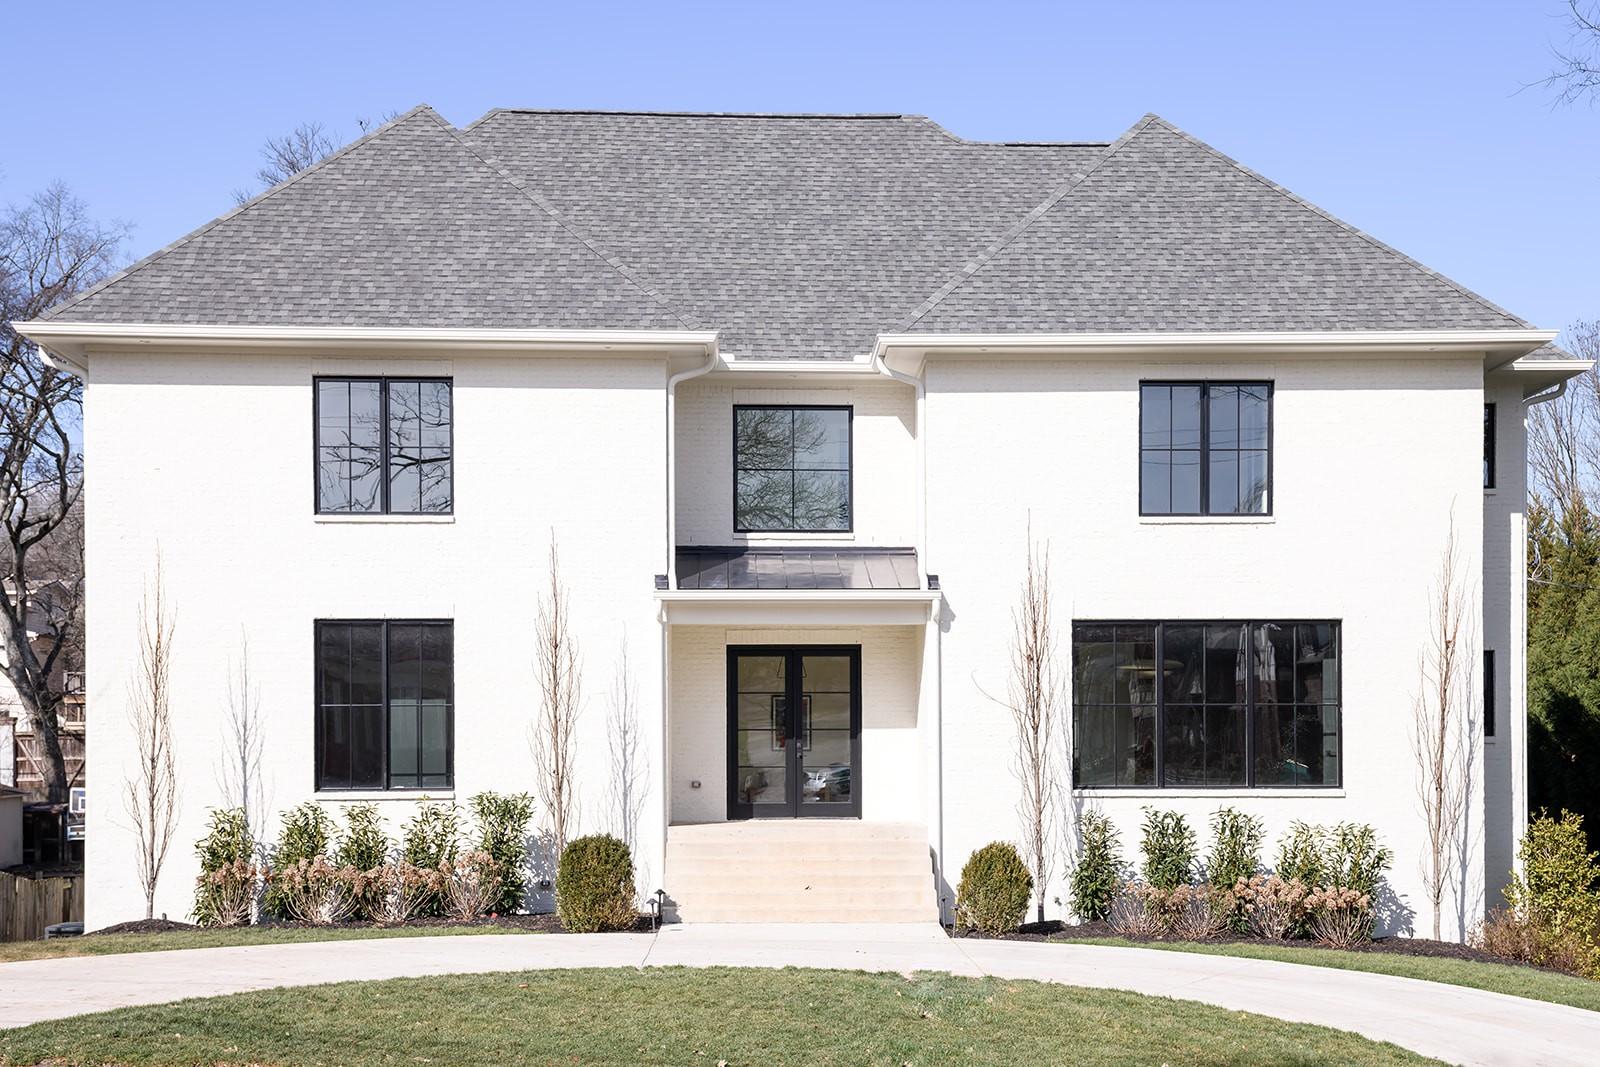 1712 Rosewood Ave, Nashville, TN 37212 - Nashville, TN real estate listing